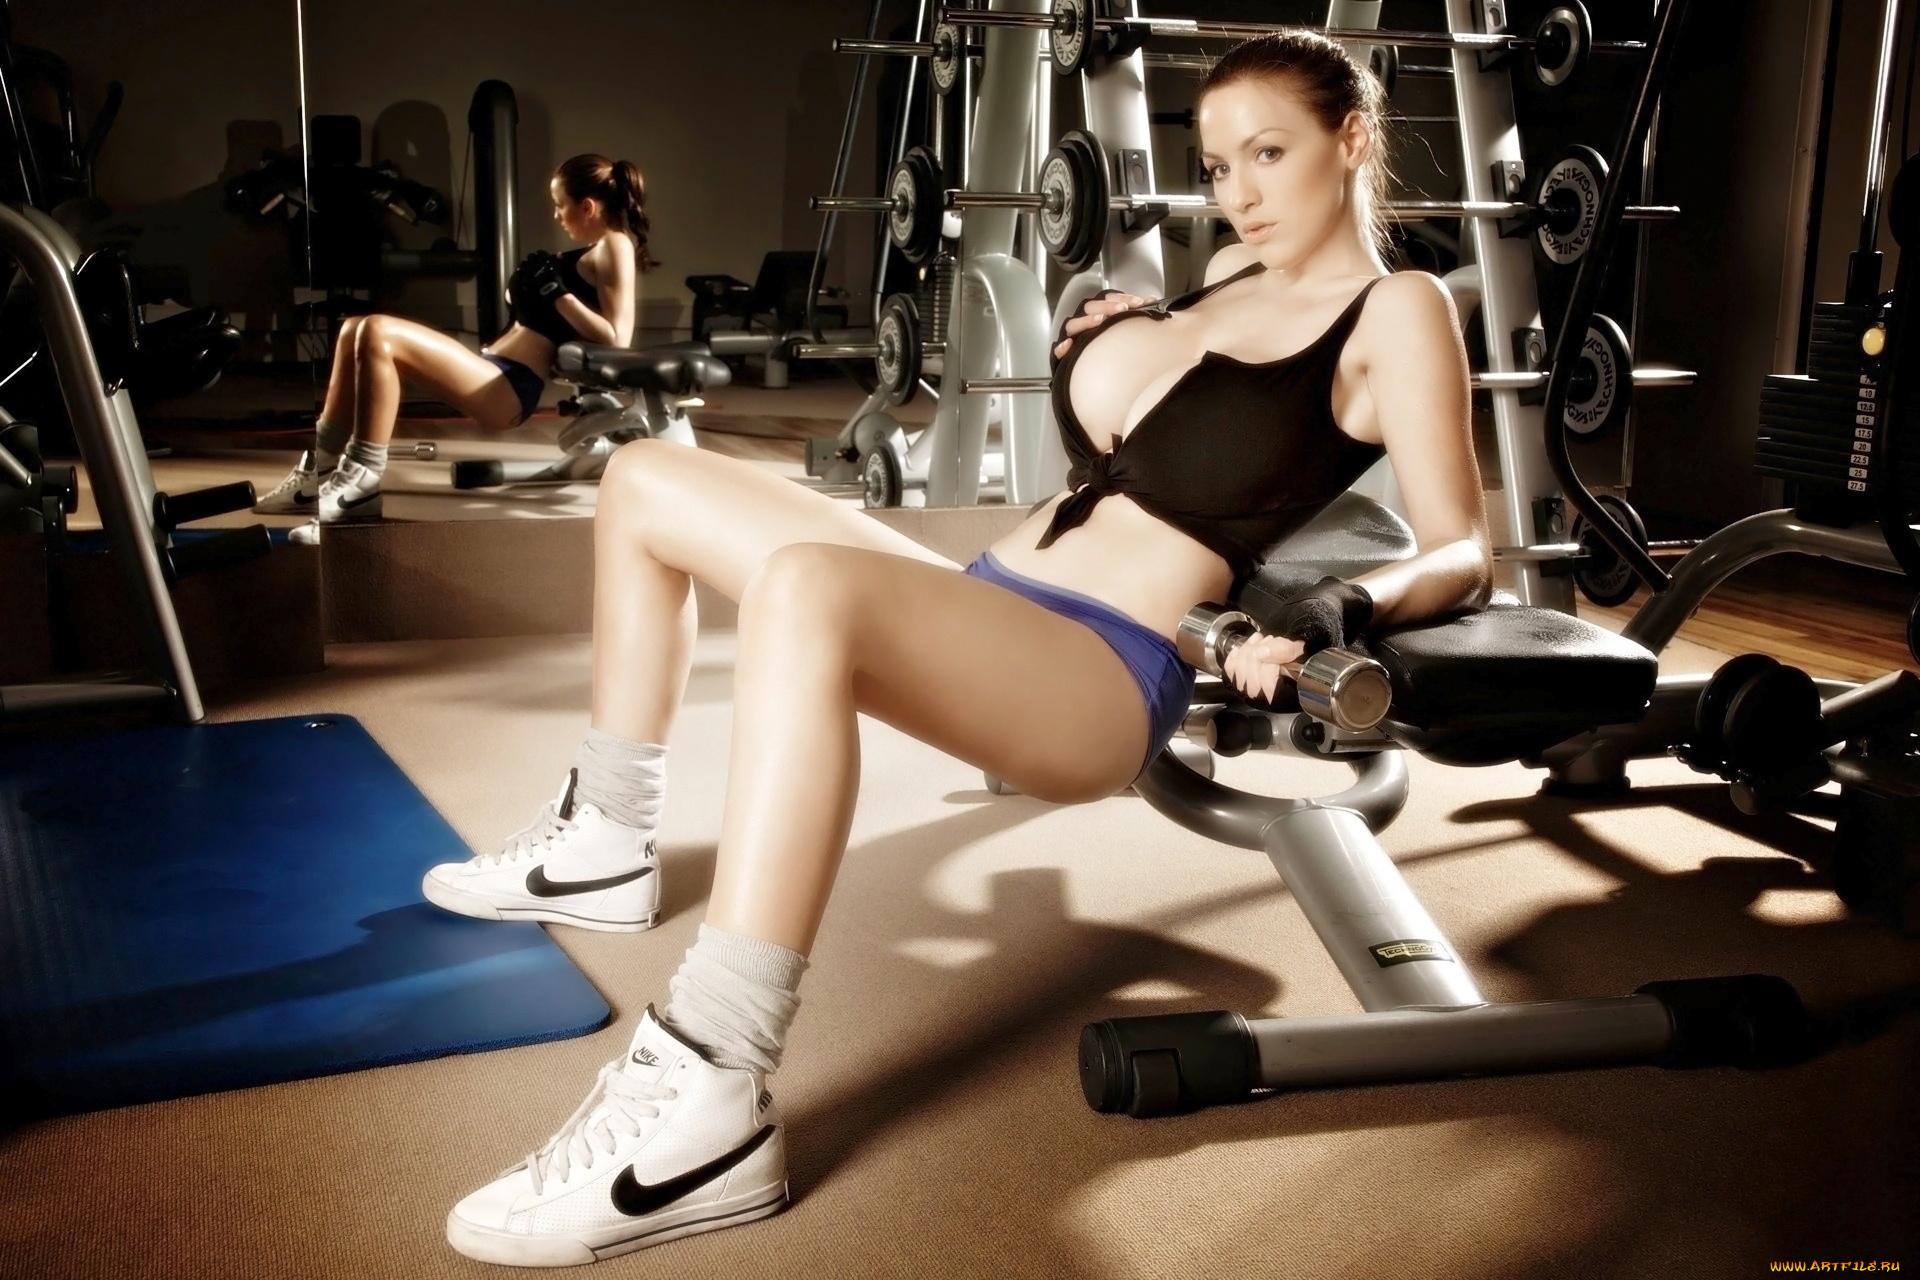 Грудастую блондинку трахает в спортзале фитнес-тренер  669917